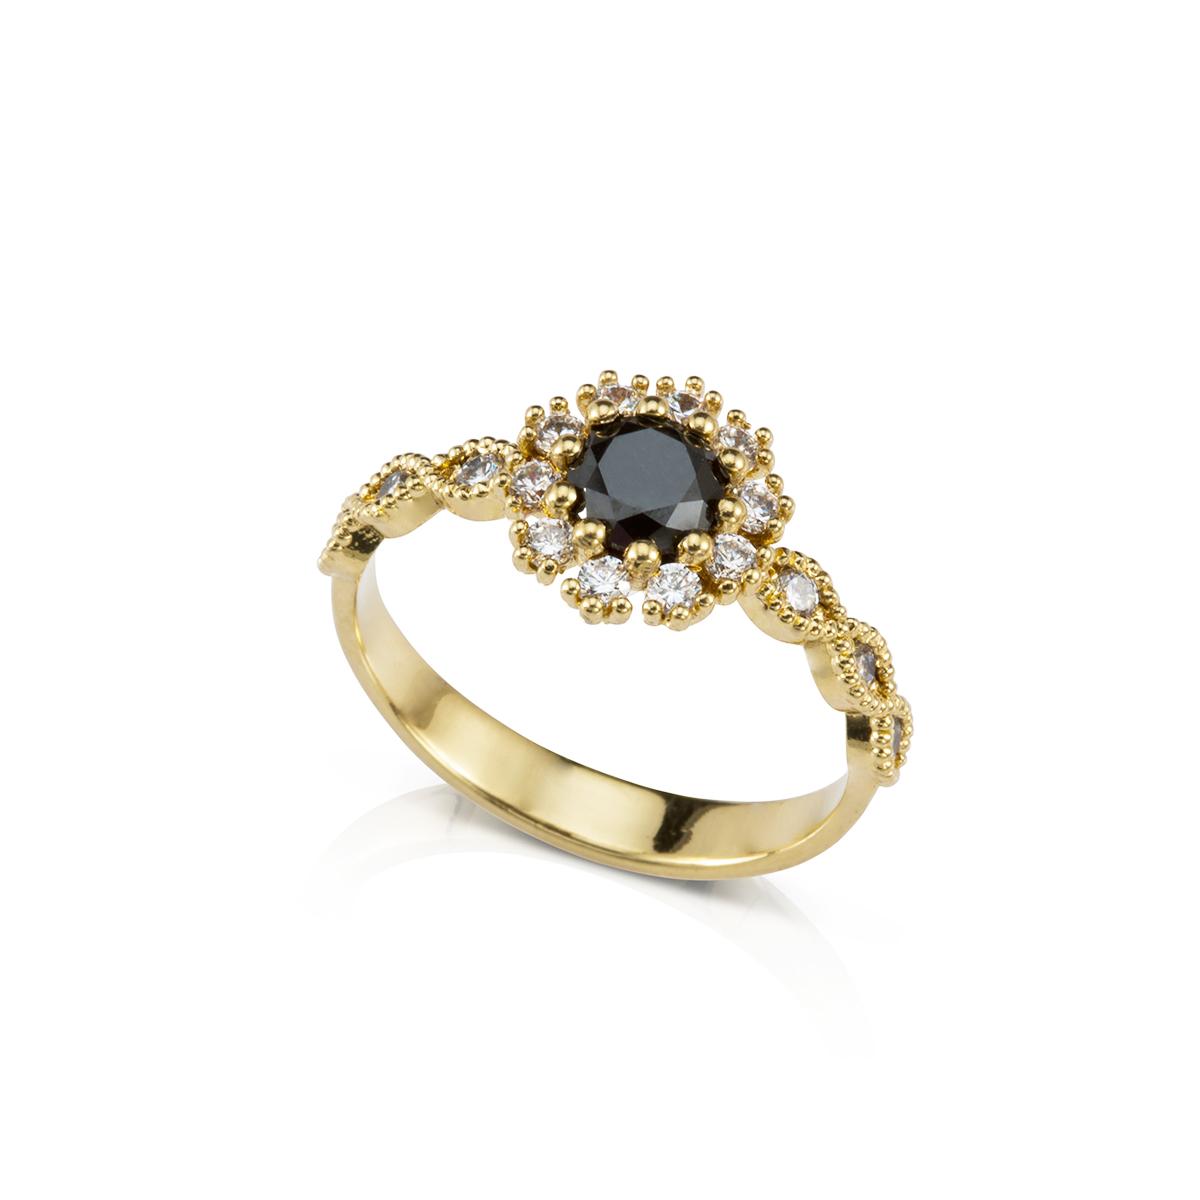 טבעת יהלום שחור מרכזי ויהלומים לבנים